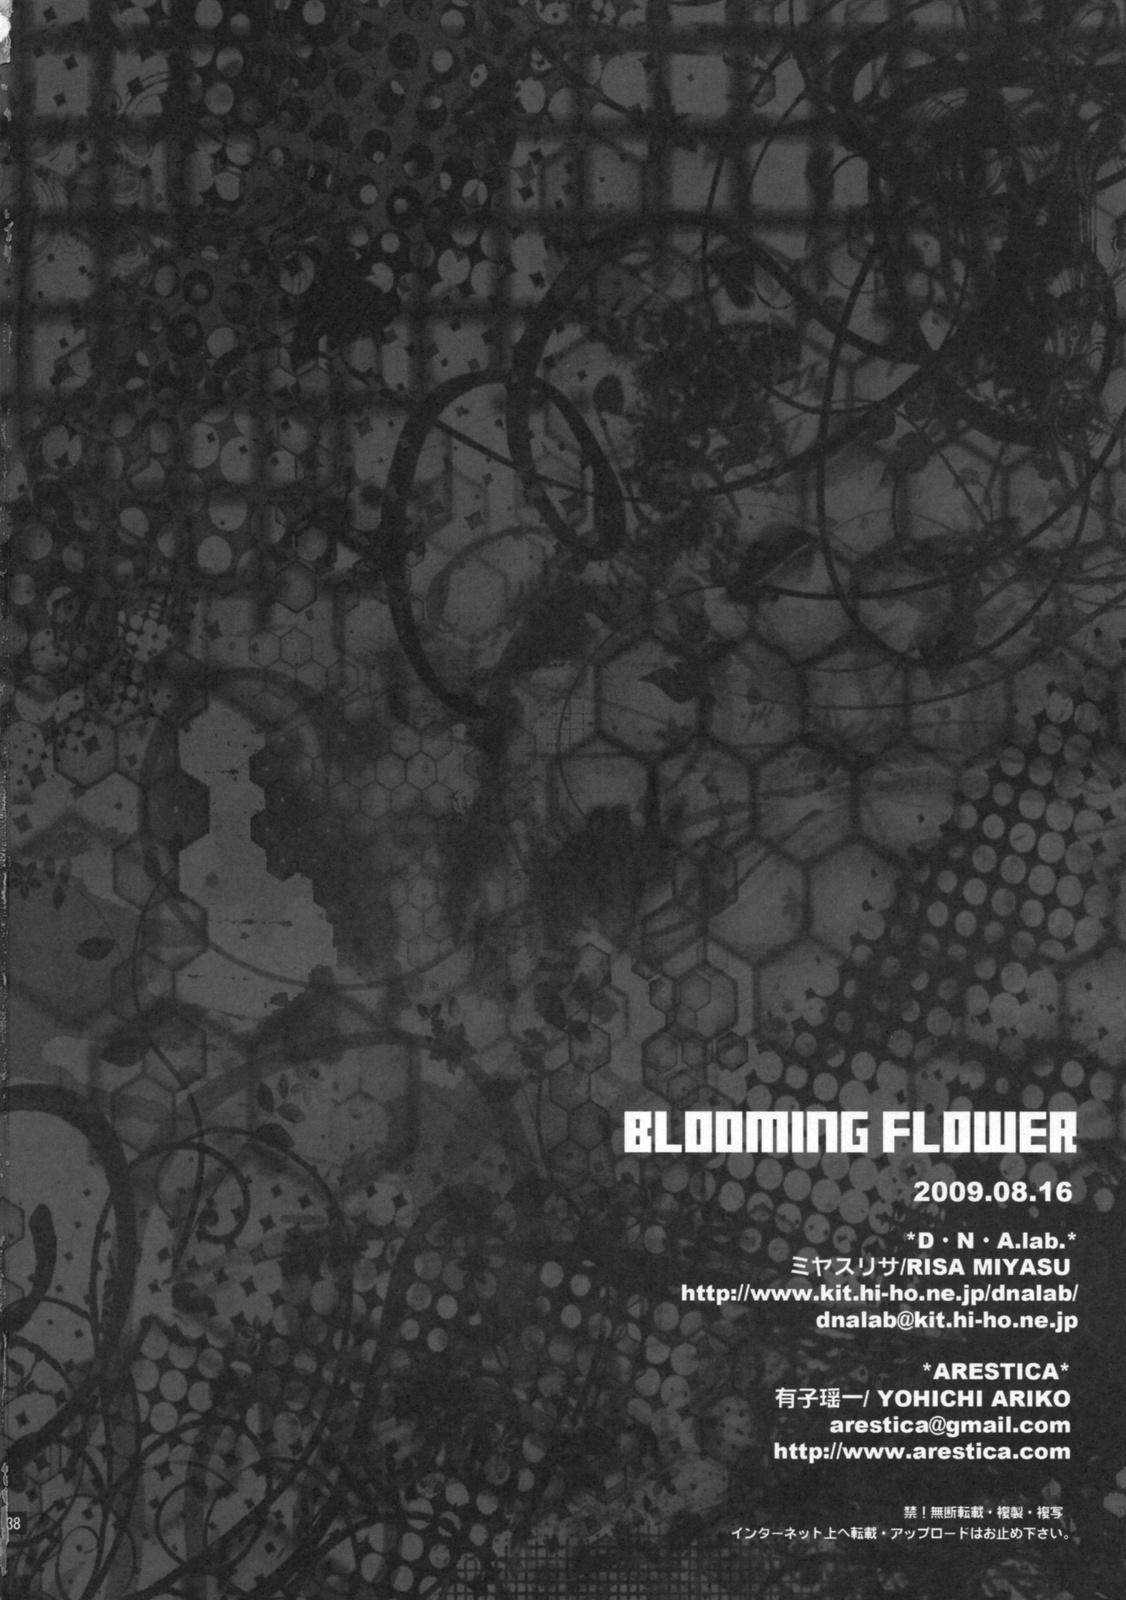 BLOOMING FLOWER 35